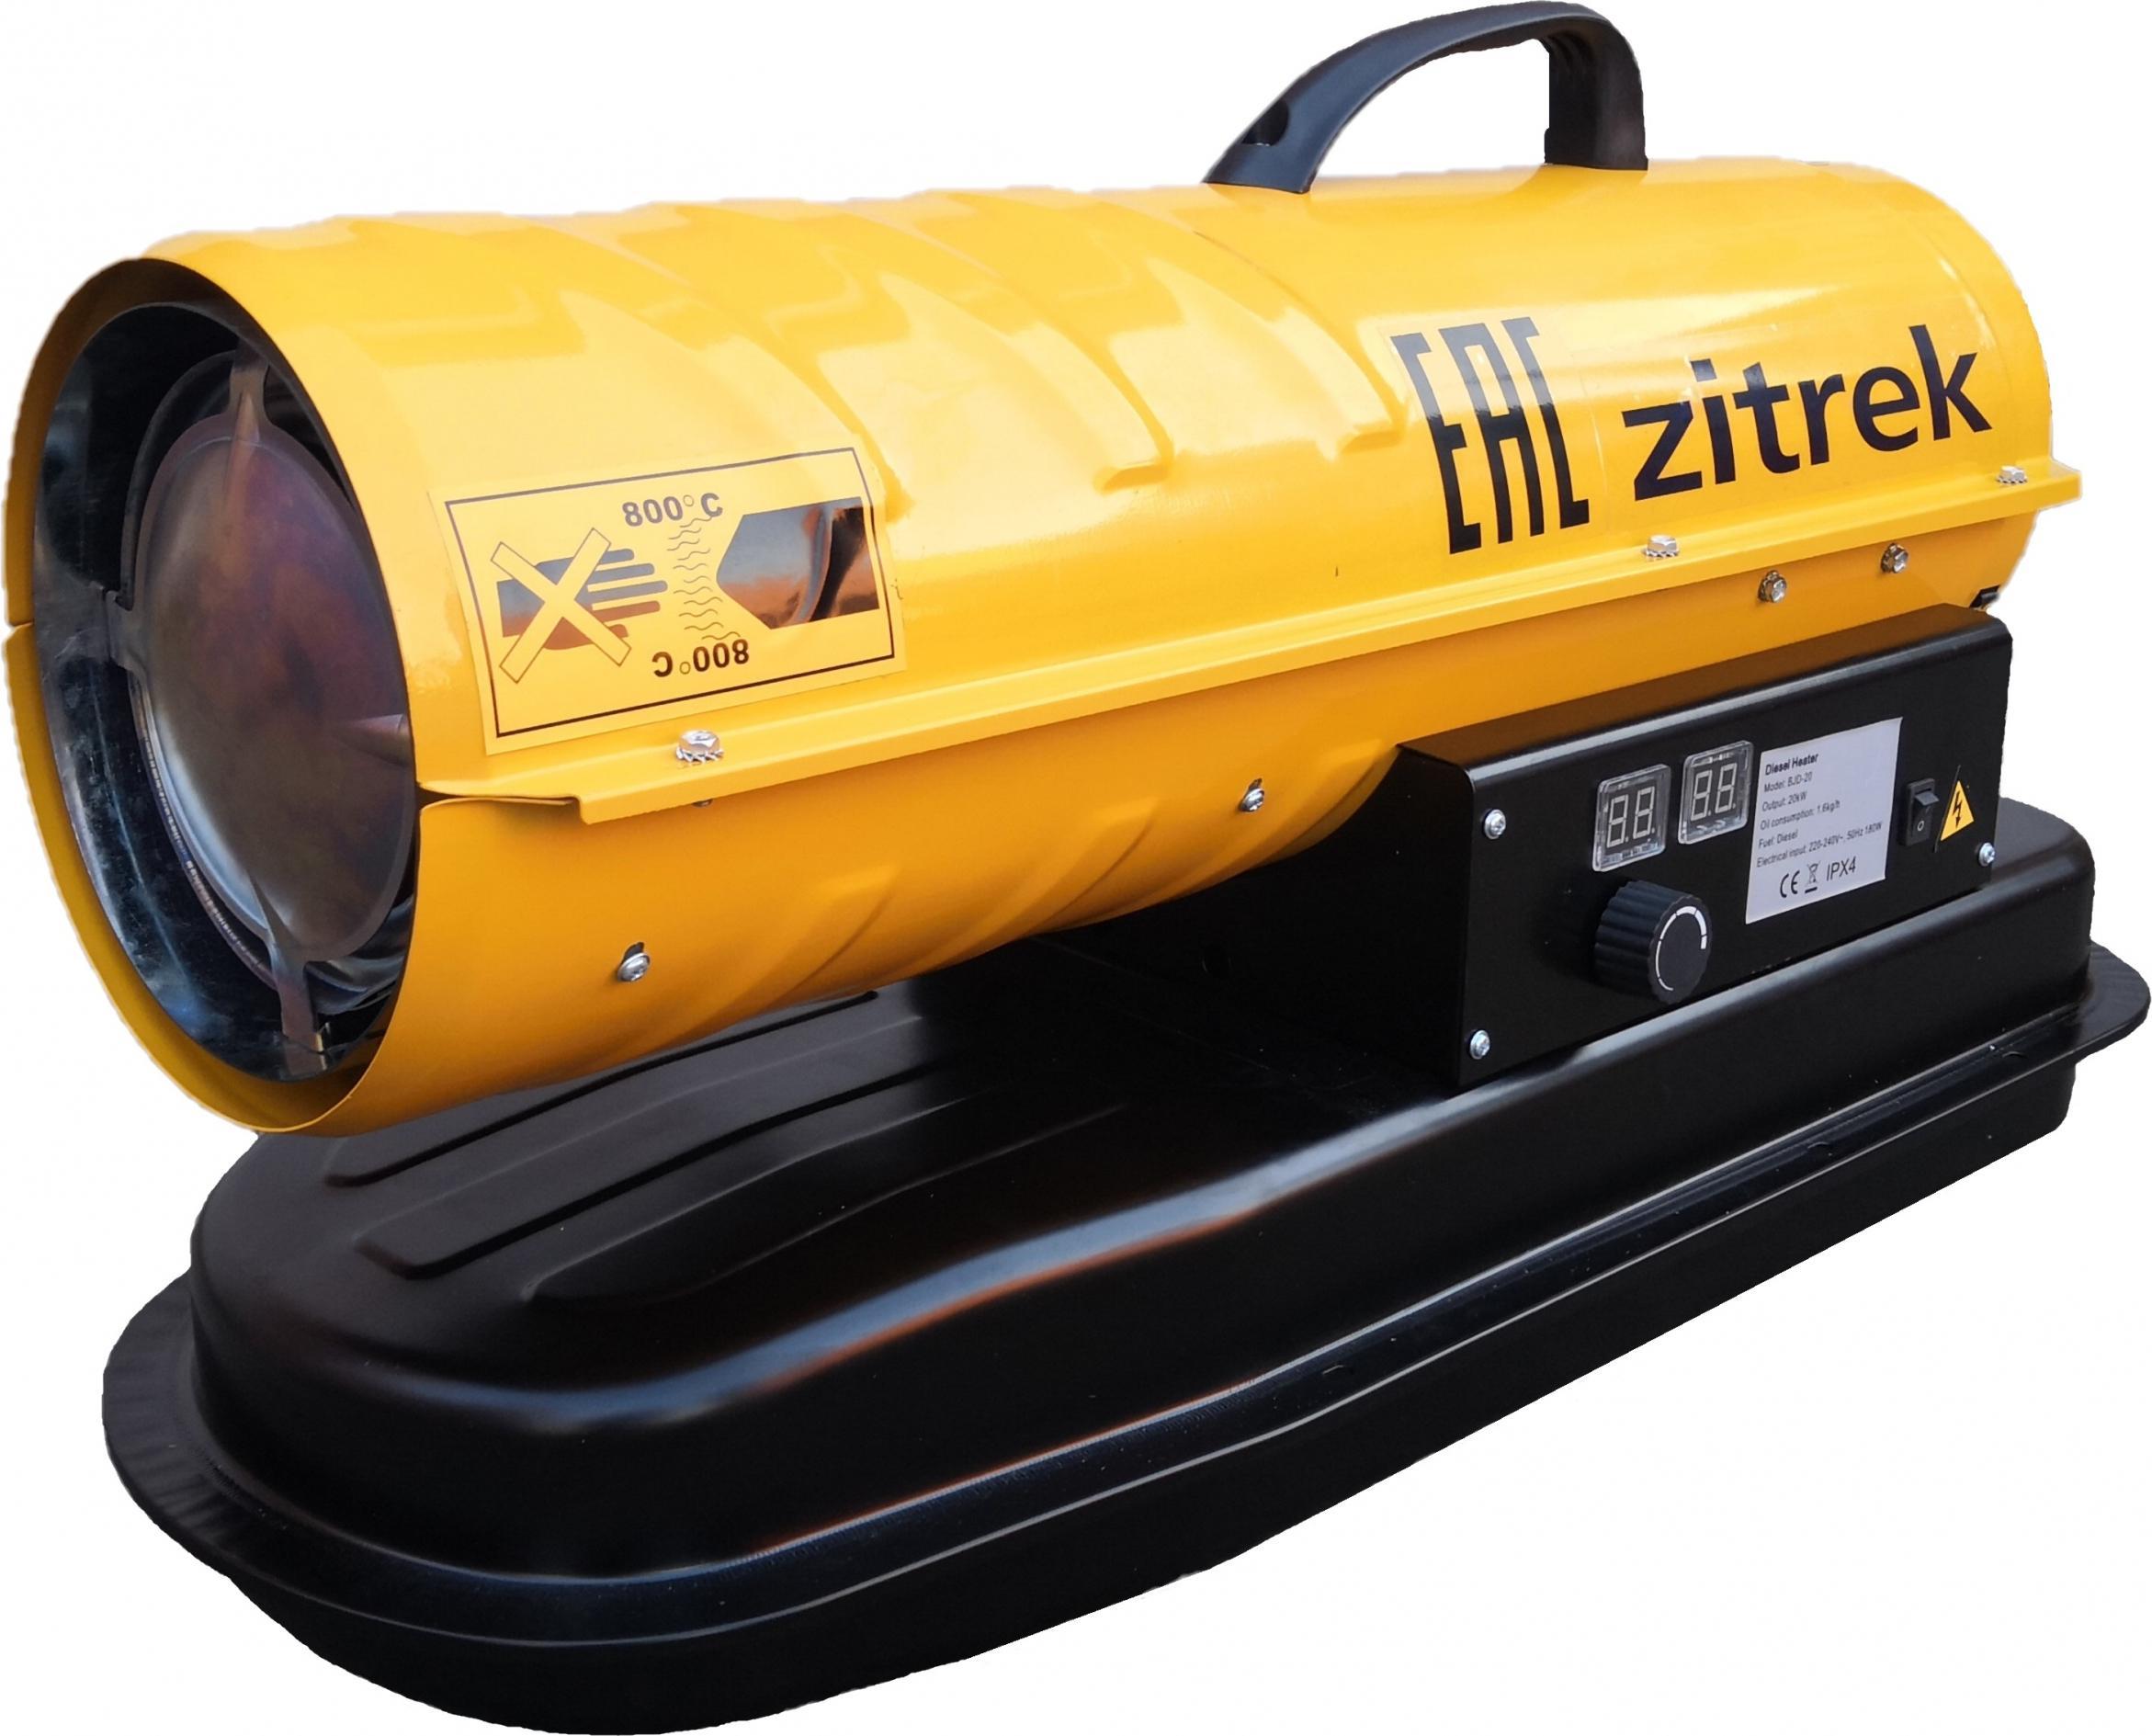 Нагреватель воздуха дизельный Zitrek Bjd-20 (070-2816-1) кукла bjd bjd dz 4 rosemary sd